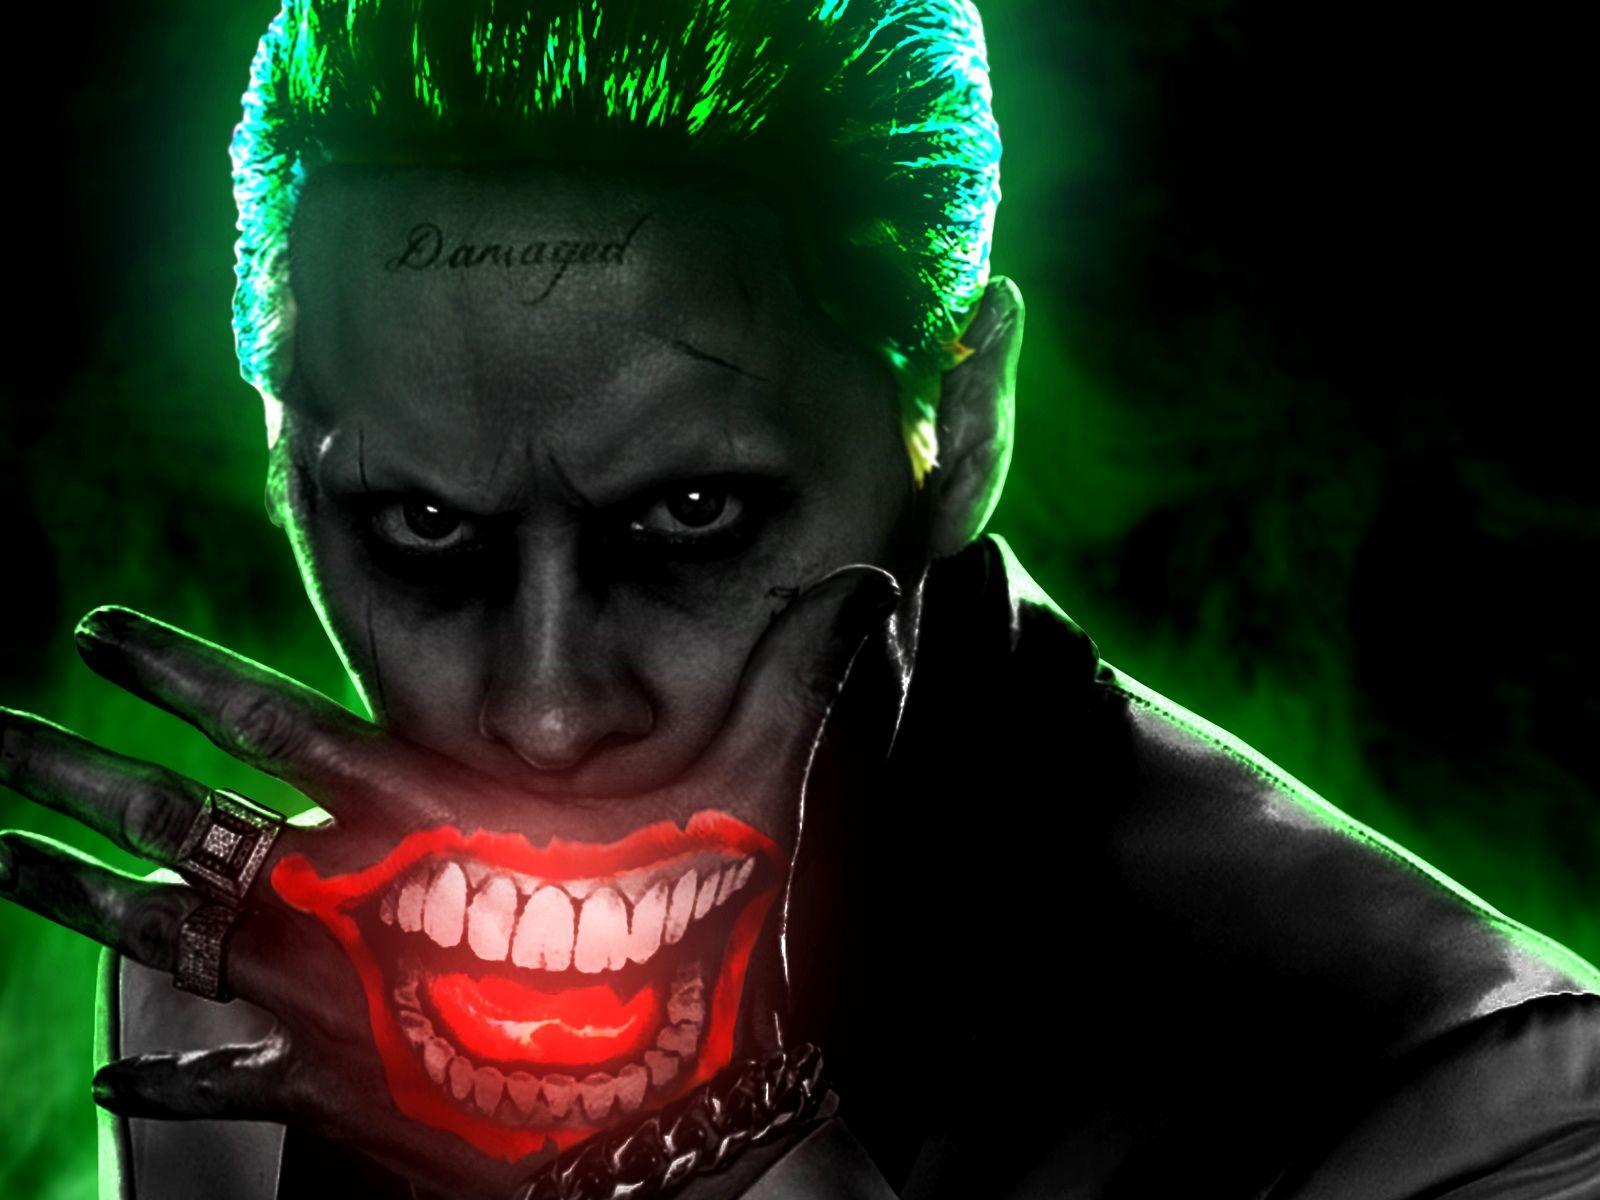 4k Hd Wallpaper Of Joker Trick Papeis De Parede Hd Celular Papel De Parede Hd Papeis De Parede De Jogos 4k ultra hd joker wallpaper computer